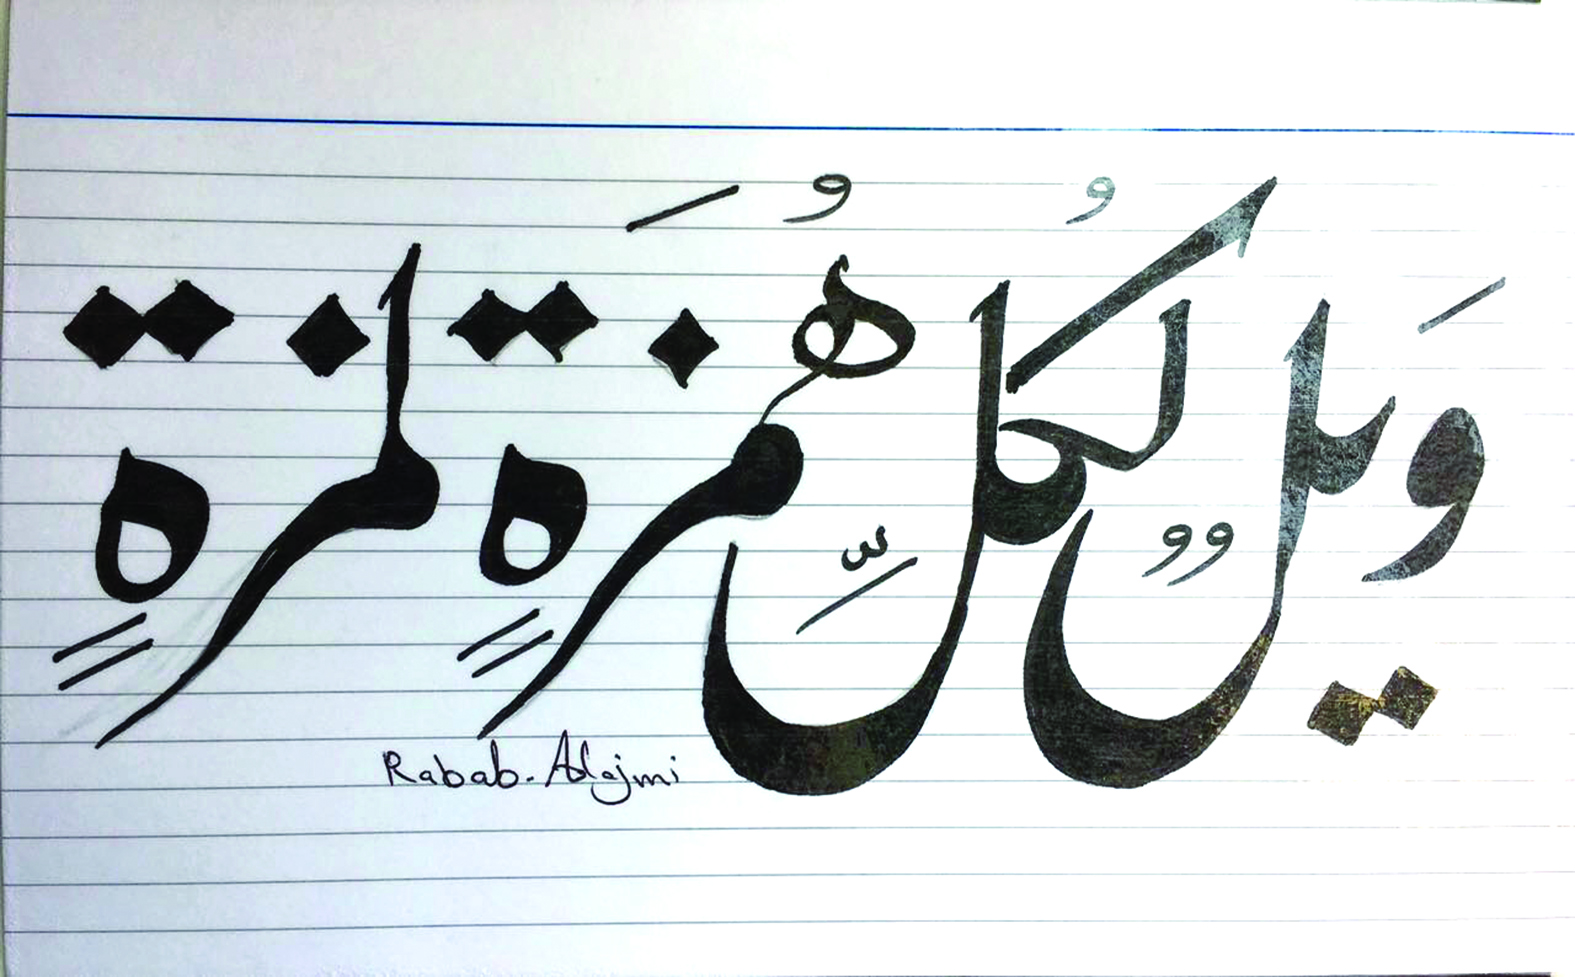 رباب العجمية: الخط العربي ليس موهبة وإنما أناقة جوهرية